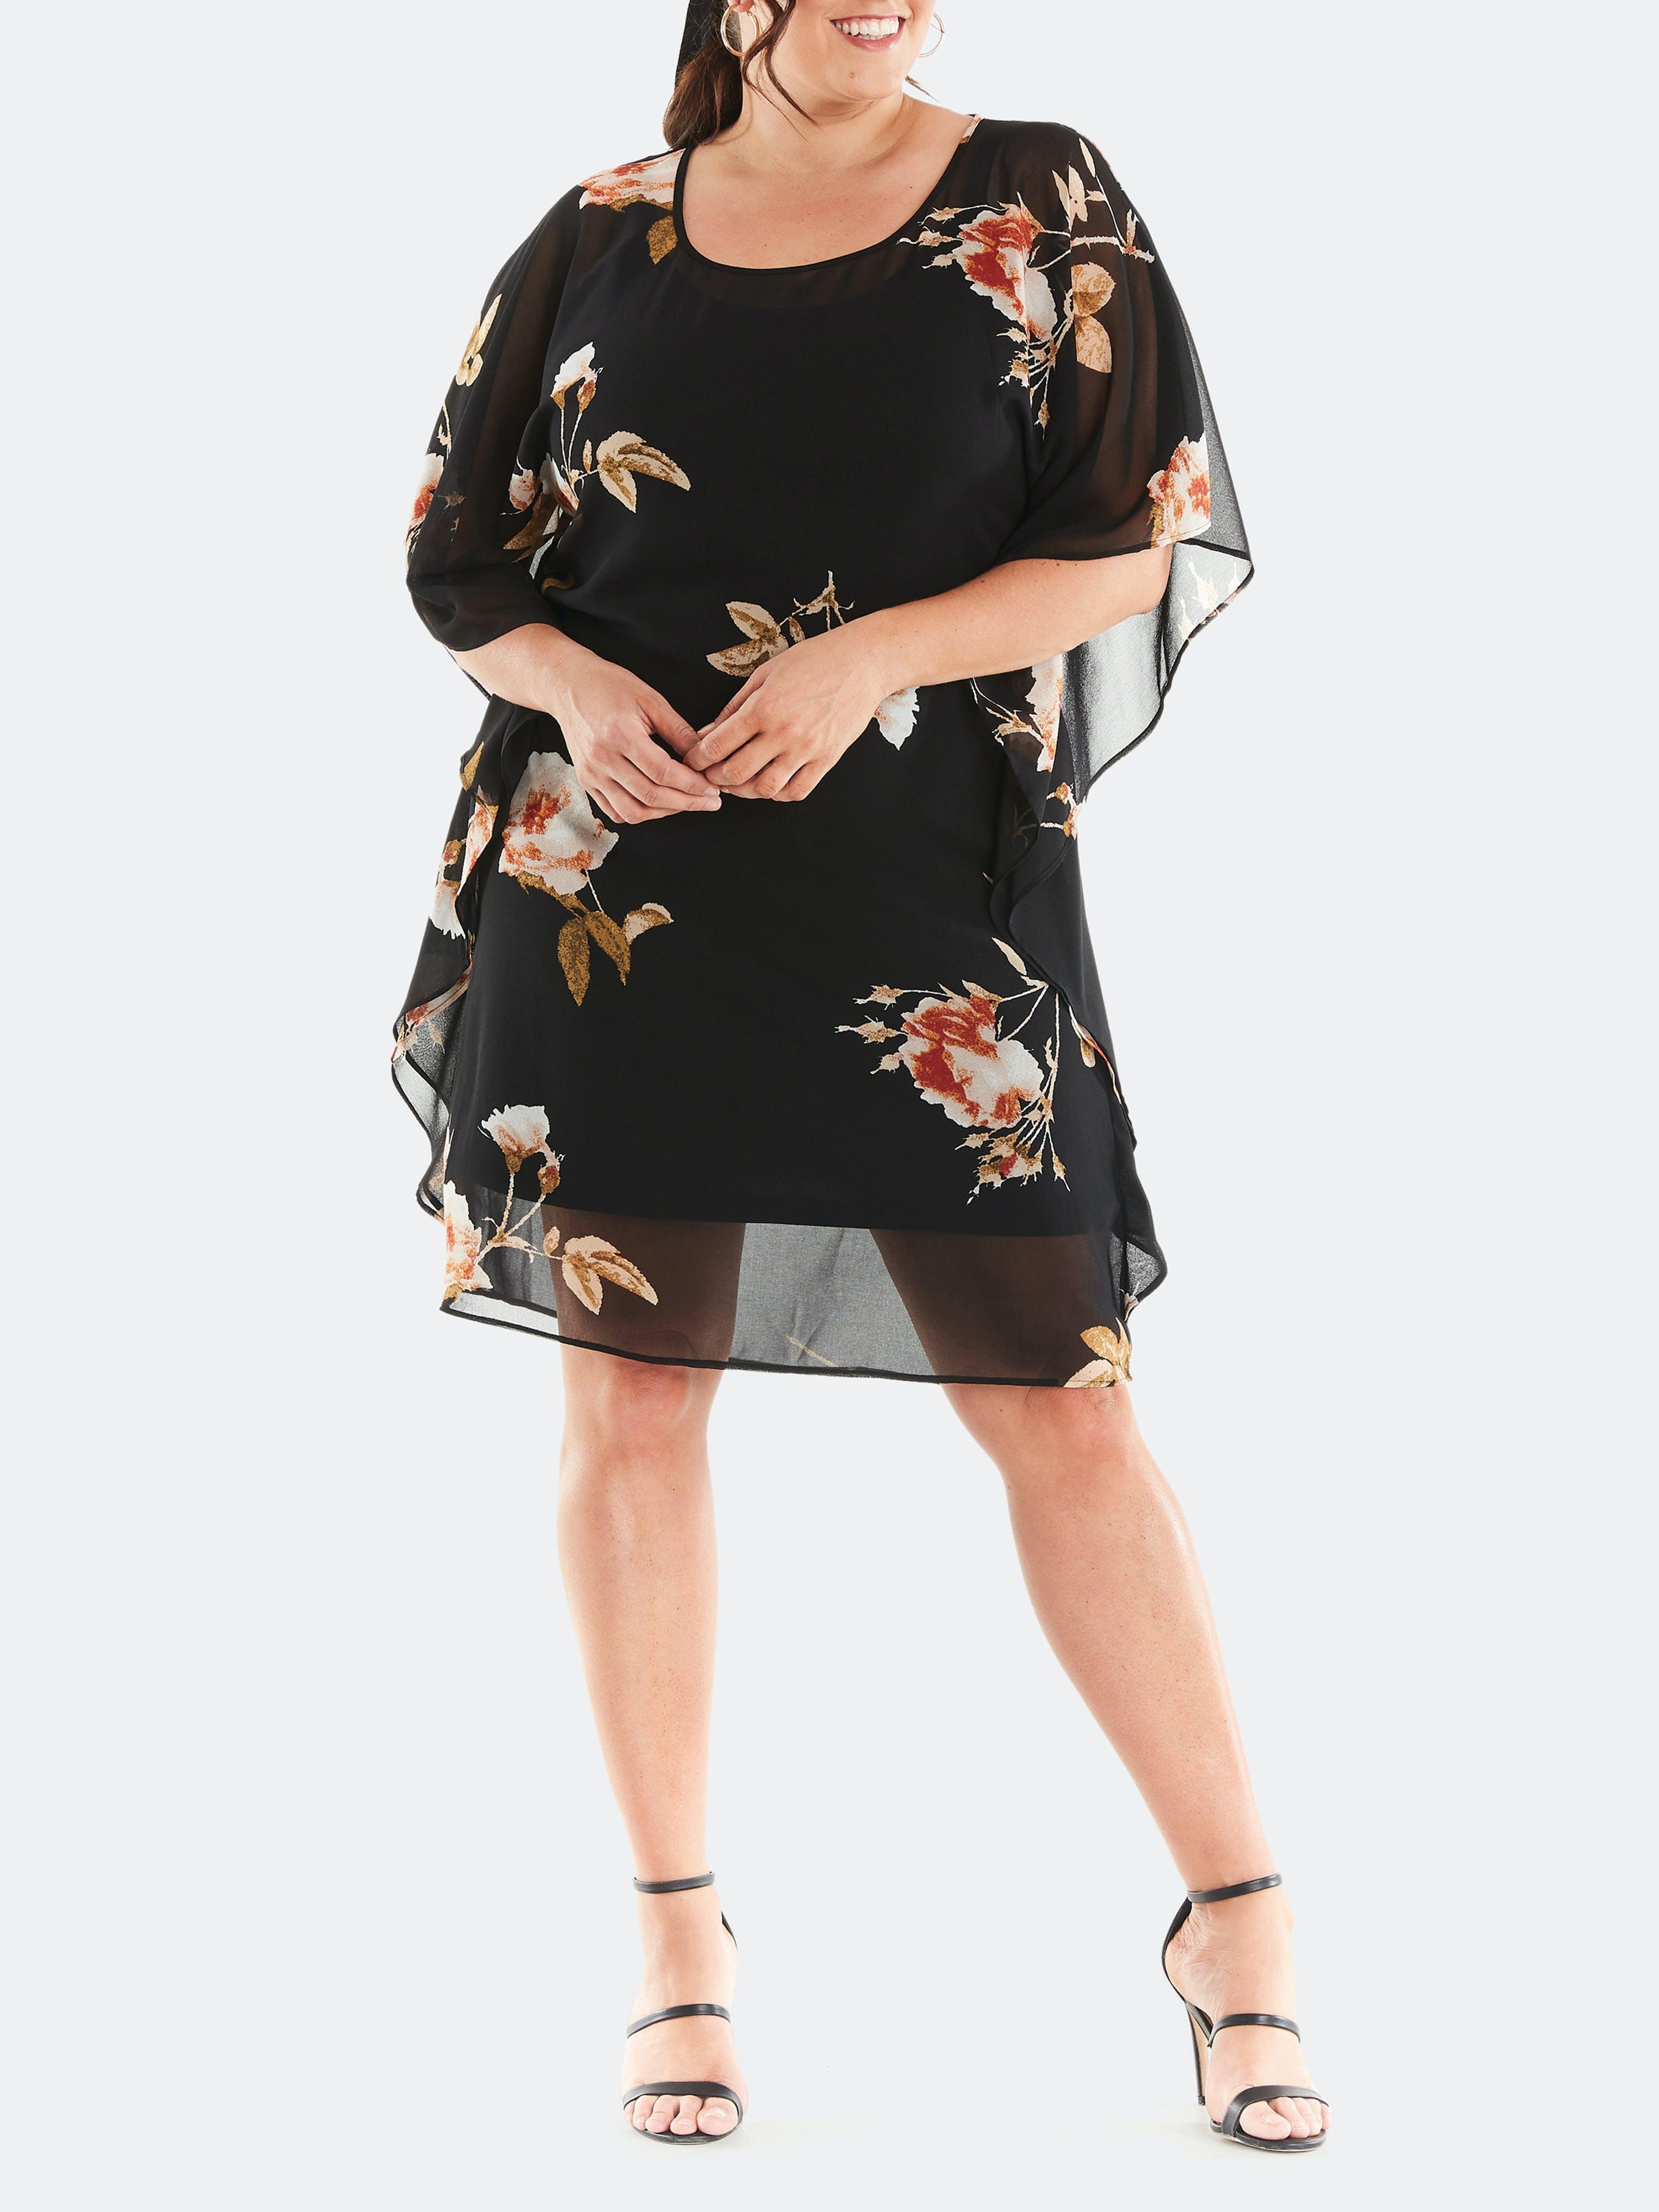 Estelle - Verified Partner Rose Garden Dress - 3X - Also in: 2X, 1X, 4X  - Black